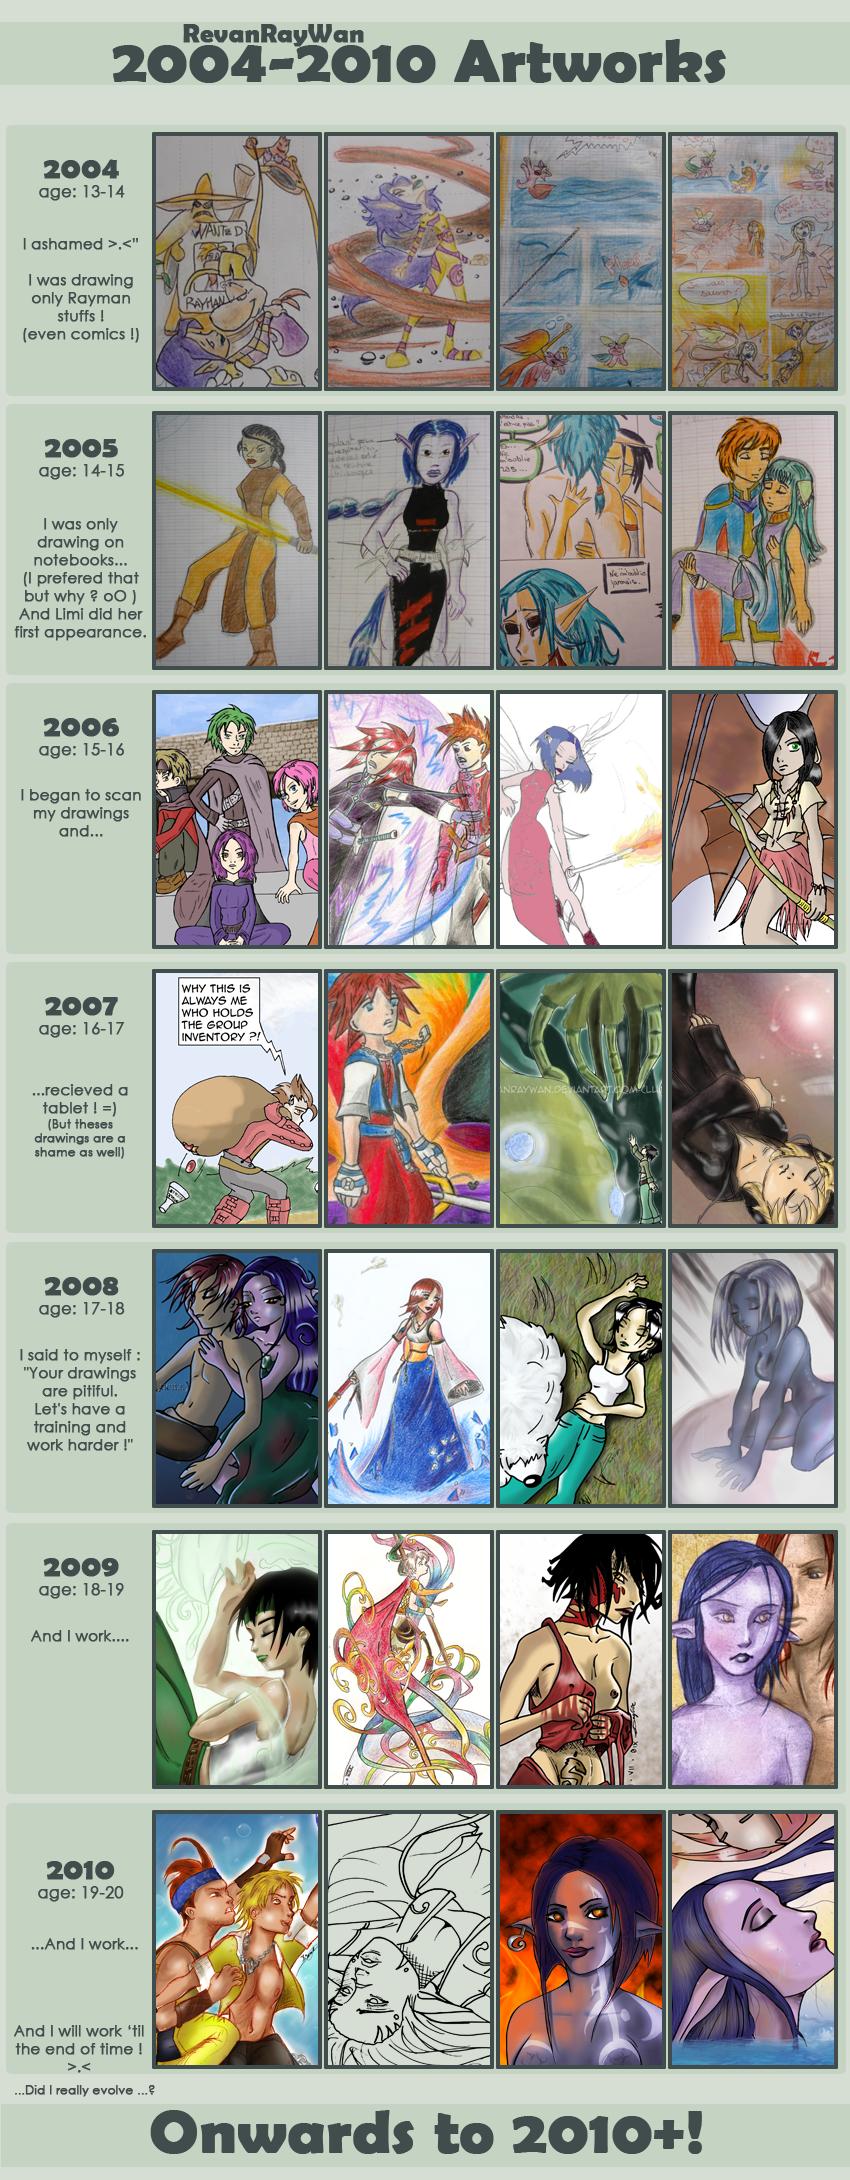 Les perles de nos jeunes jours [galerie commune] - Page 2 My_late_improvement_meme_by_RevanRayWan